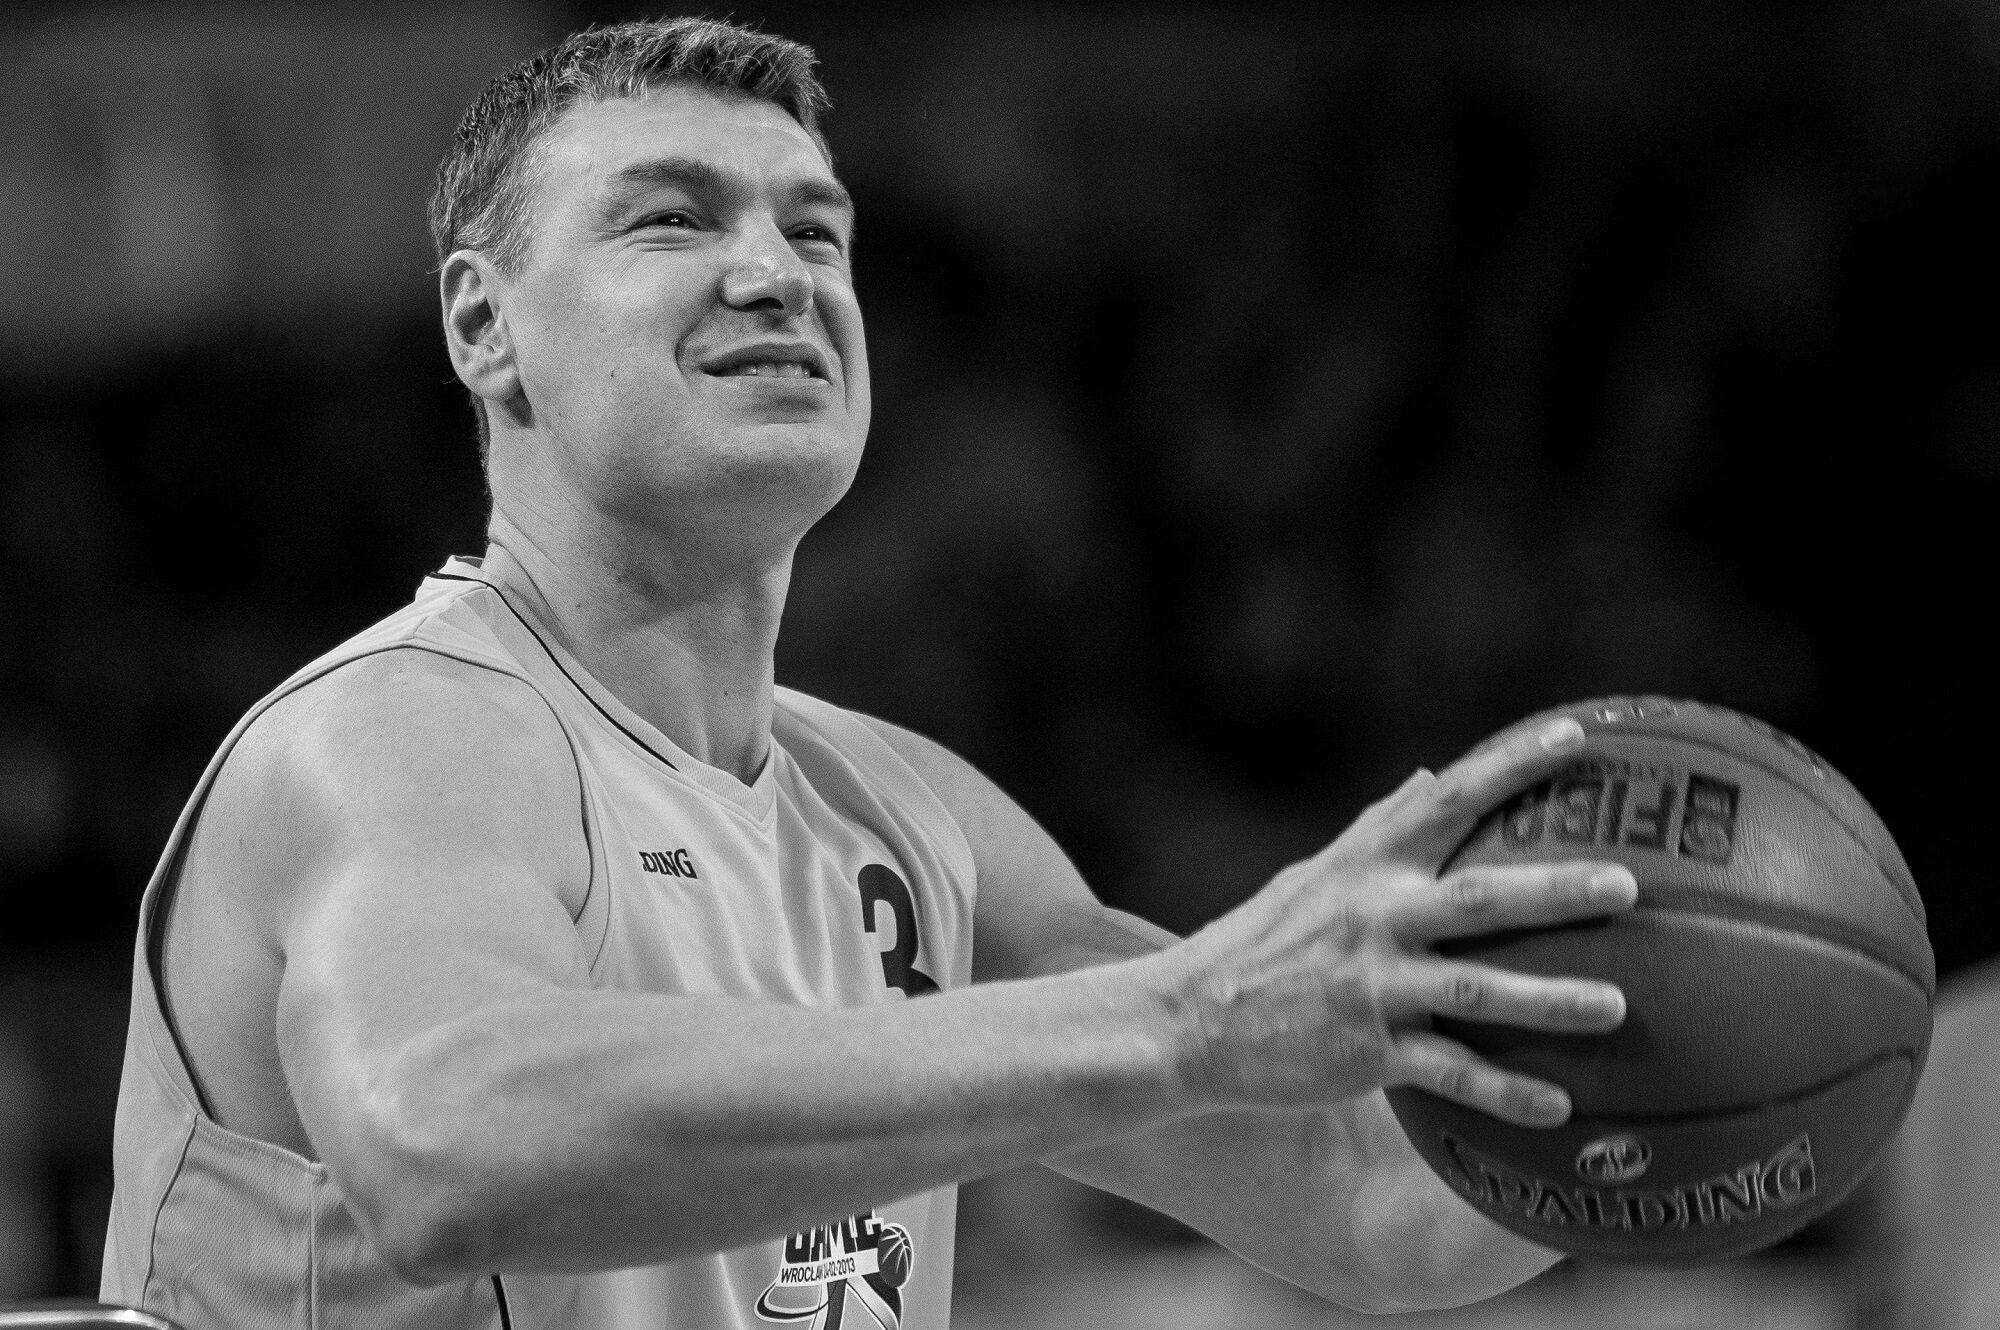 Adam Wójcik – legendarny polski koszykarz. Ośmiokrotny mistrz Polski, czternastokrotny medalista mistrzostw Polski, zdobywca 17 718 punktów w Polskiej Lidze Koszykówki. Zmarł 26 sierpnia 2017 r.